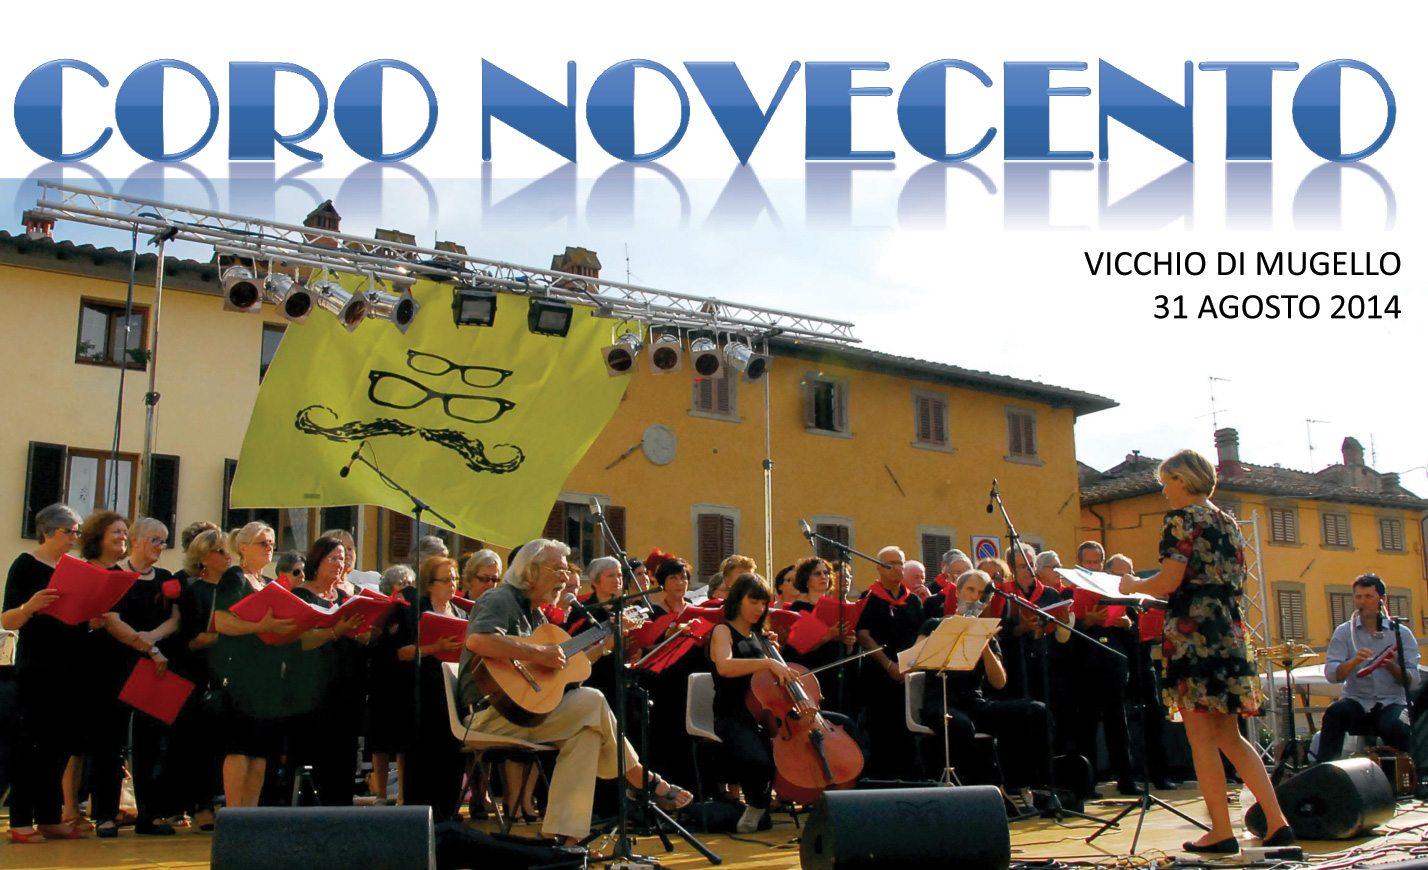 coro novecento 900 vicchio